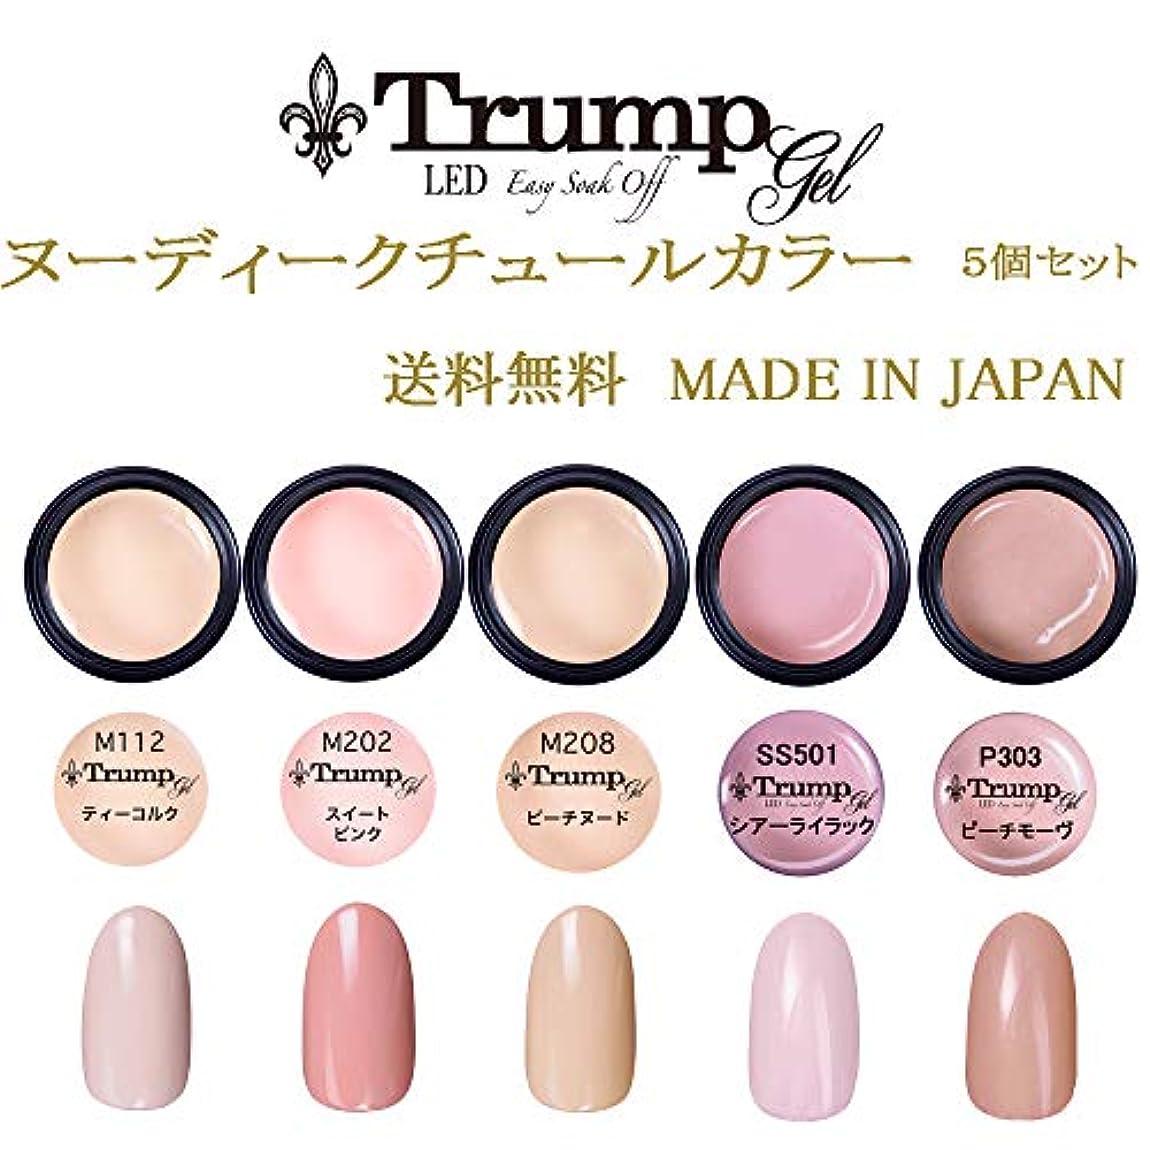 汚れたアロング軍隊【送料無料】日本製 Trump gel トランプジェルヌーディクチュールカラージェル 5個セット肌馴染みの良い ヌーデイクチュールカラージェルセット